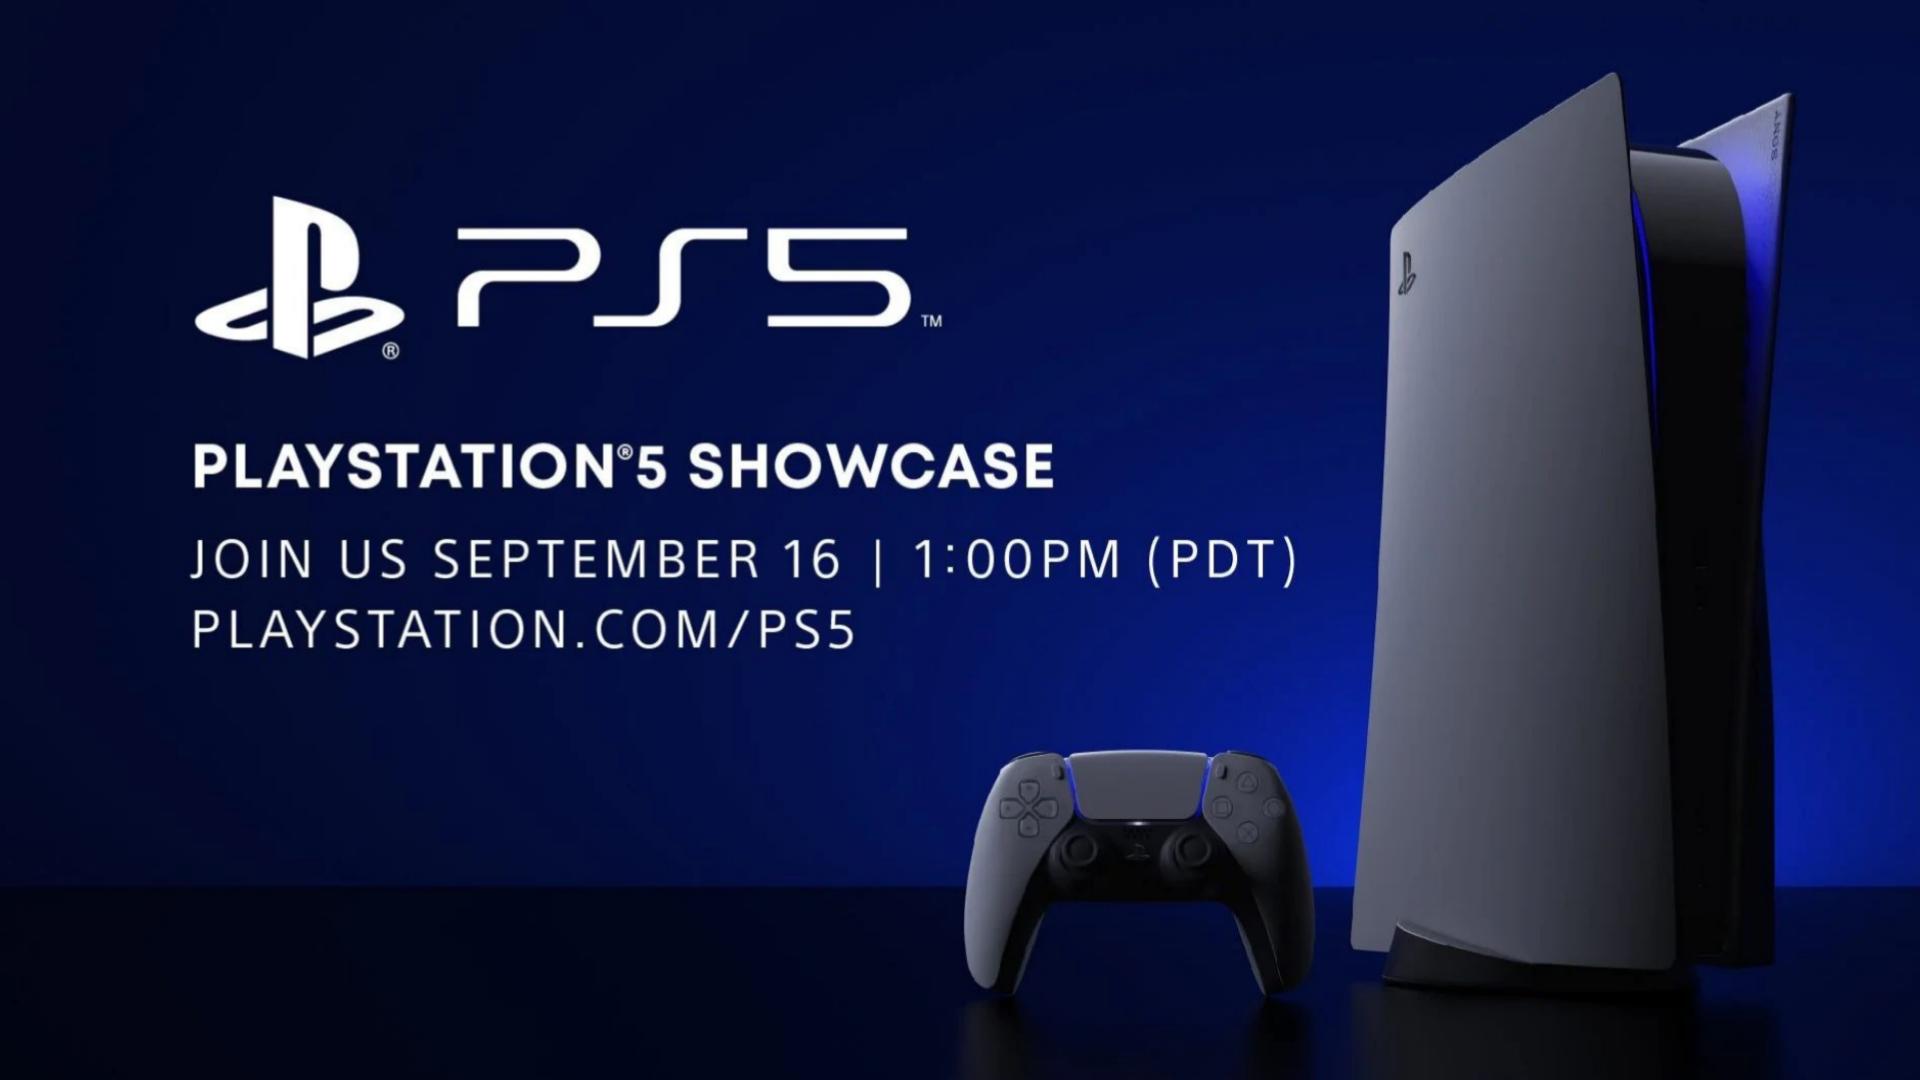 سوني تعلن عن سعر PlayStation 5 وموعد الأطلاق 12 نوفمبر القادم